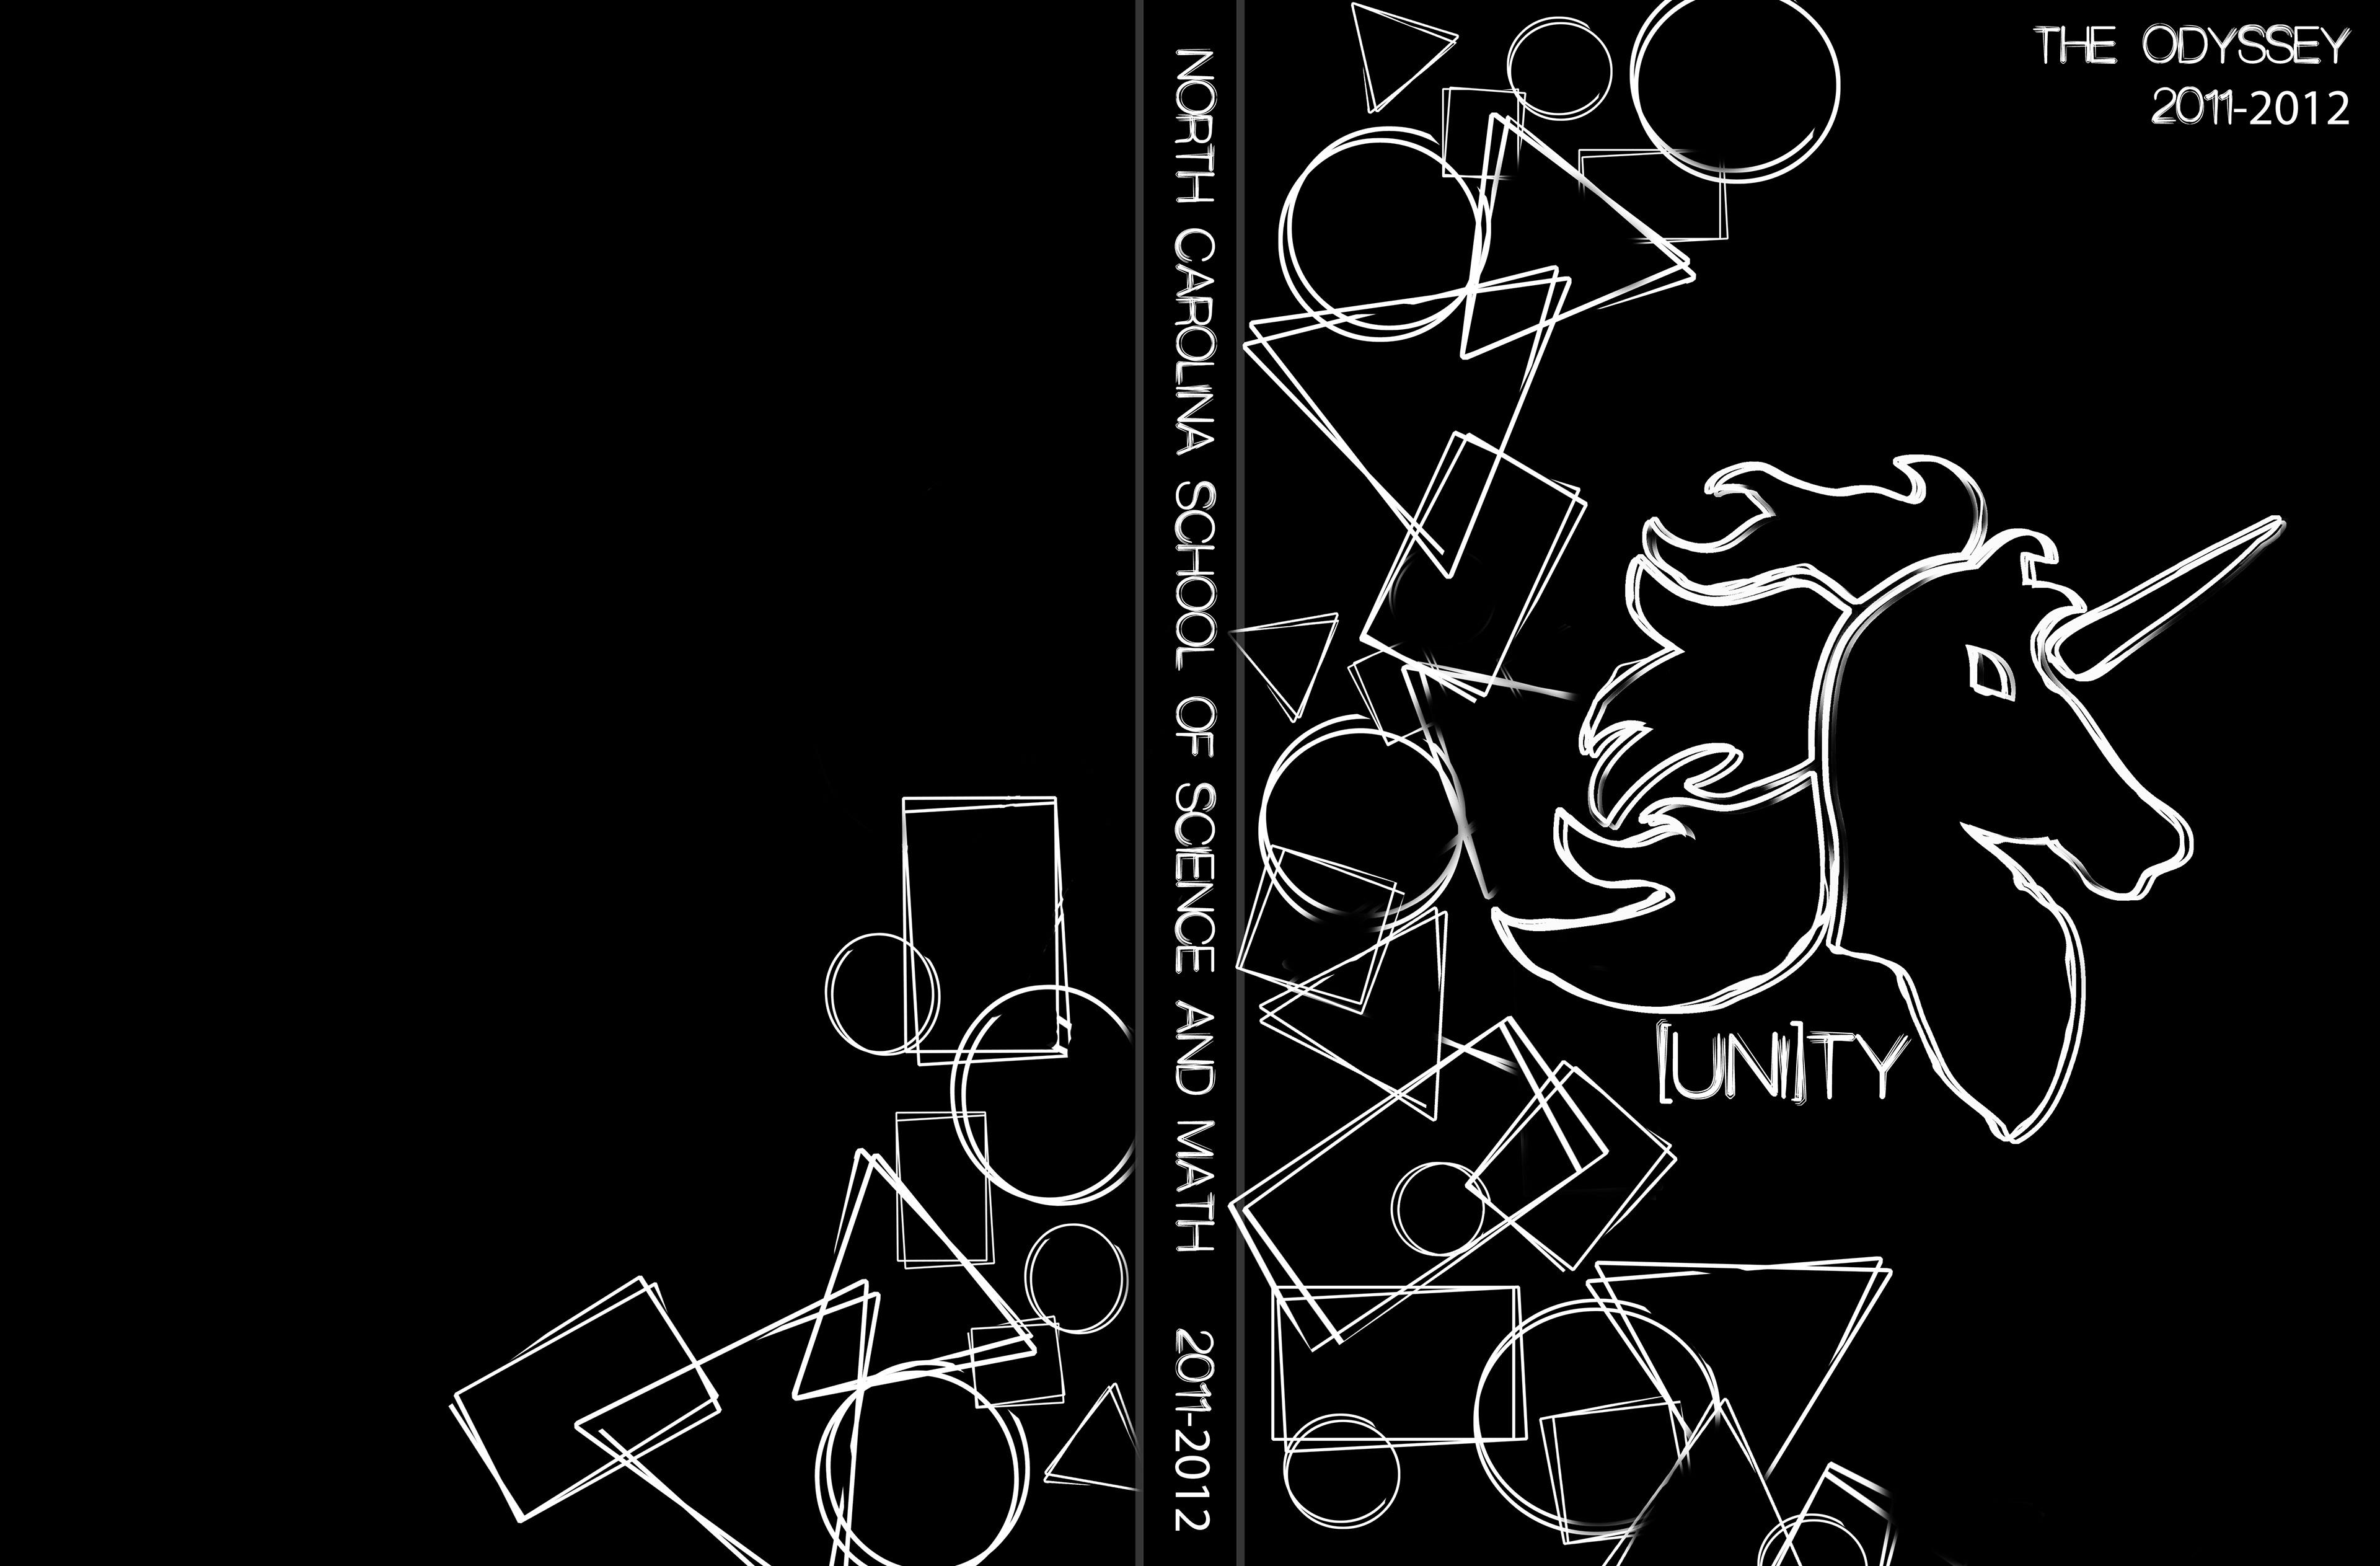 derek collier ncssm yearbook cover designs